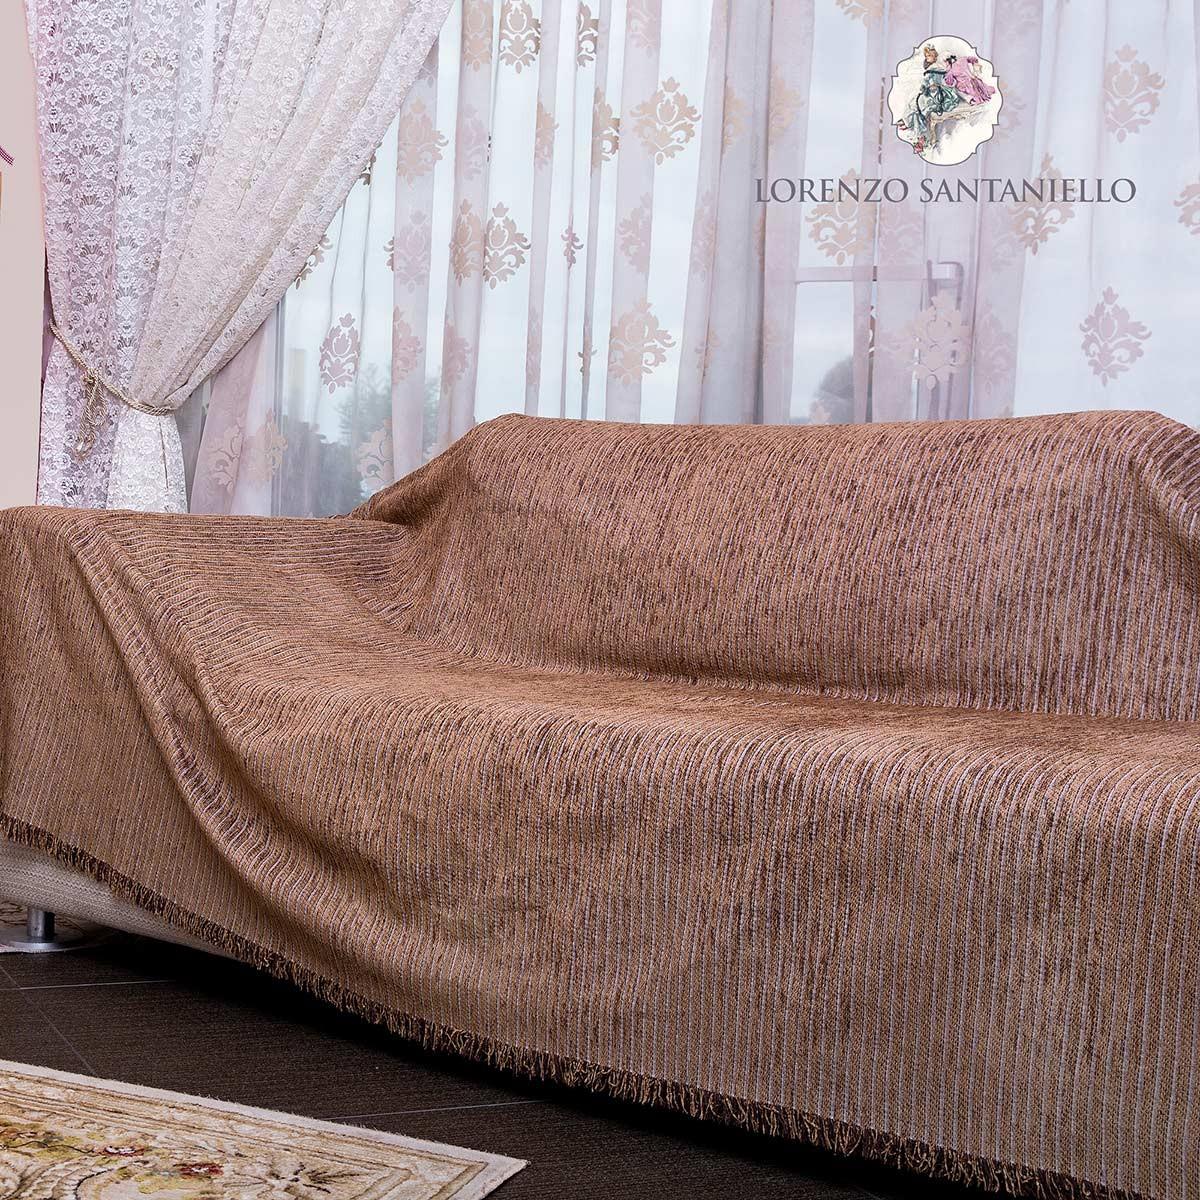 Ριχτάρι Τετραθέσιου (180x350) Lorenzo Santaniello Kotle Brown